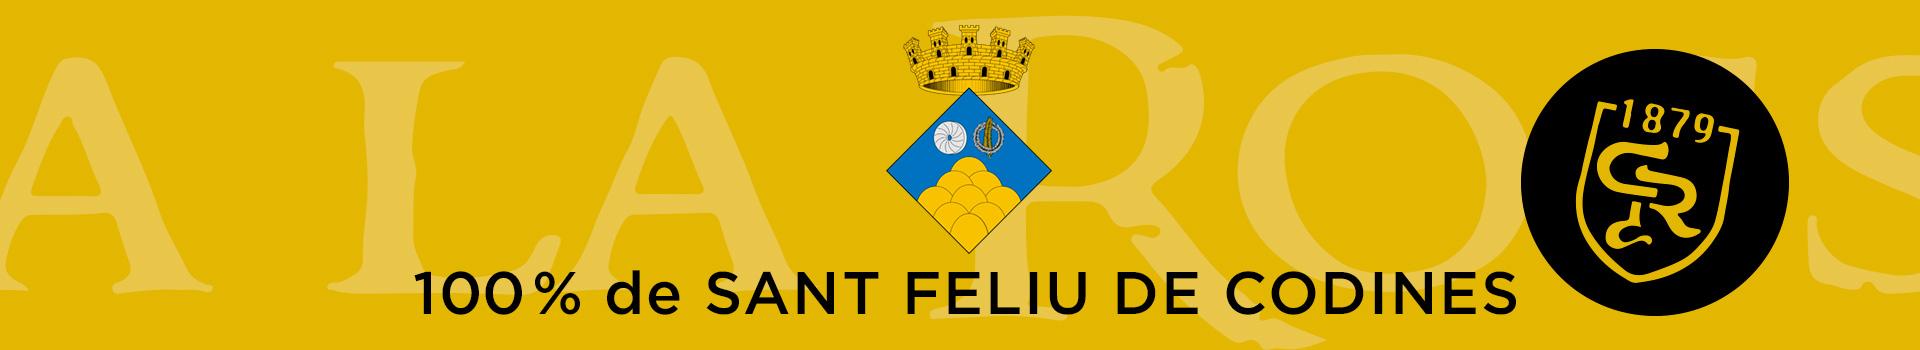 100% de Sant Feliu